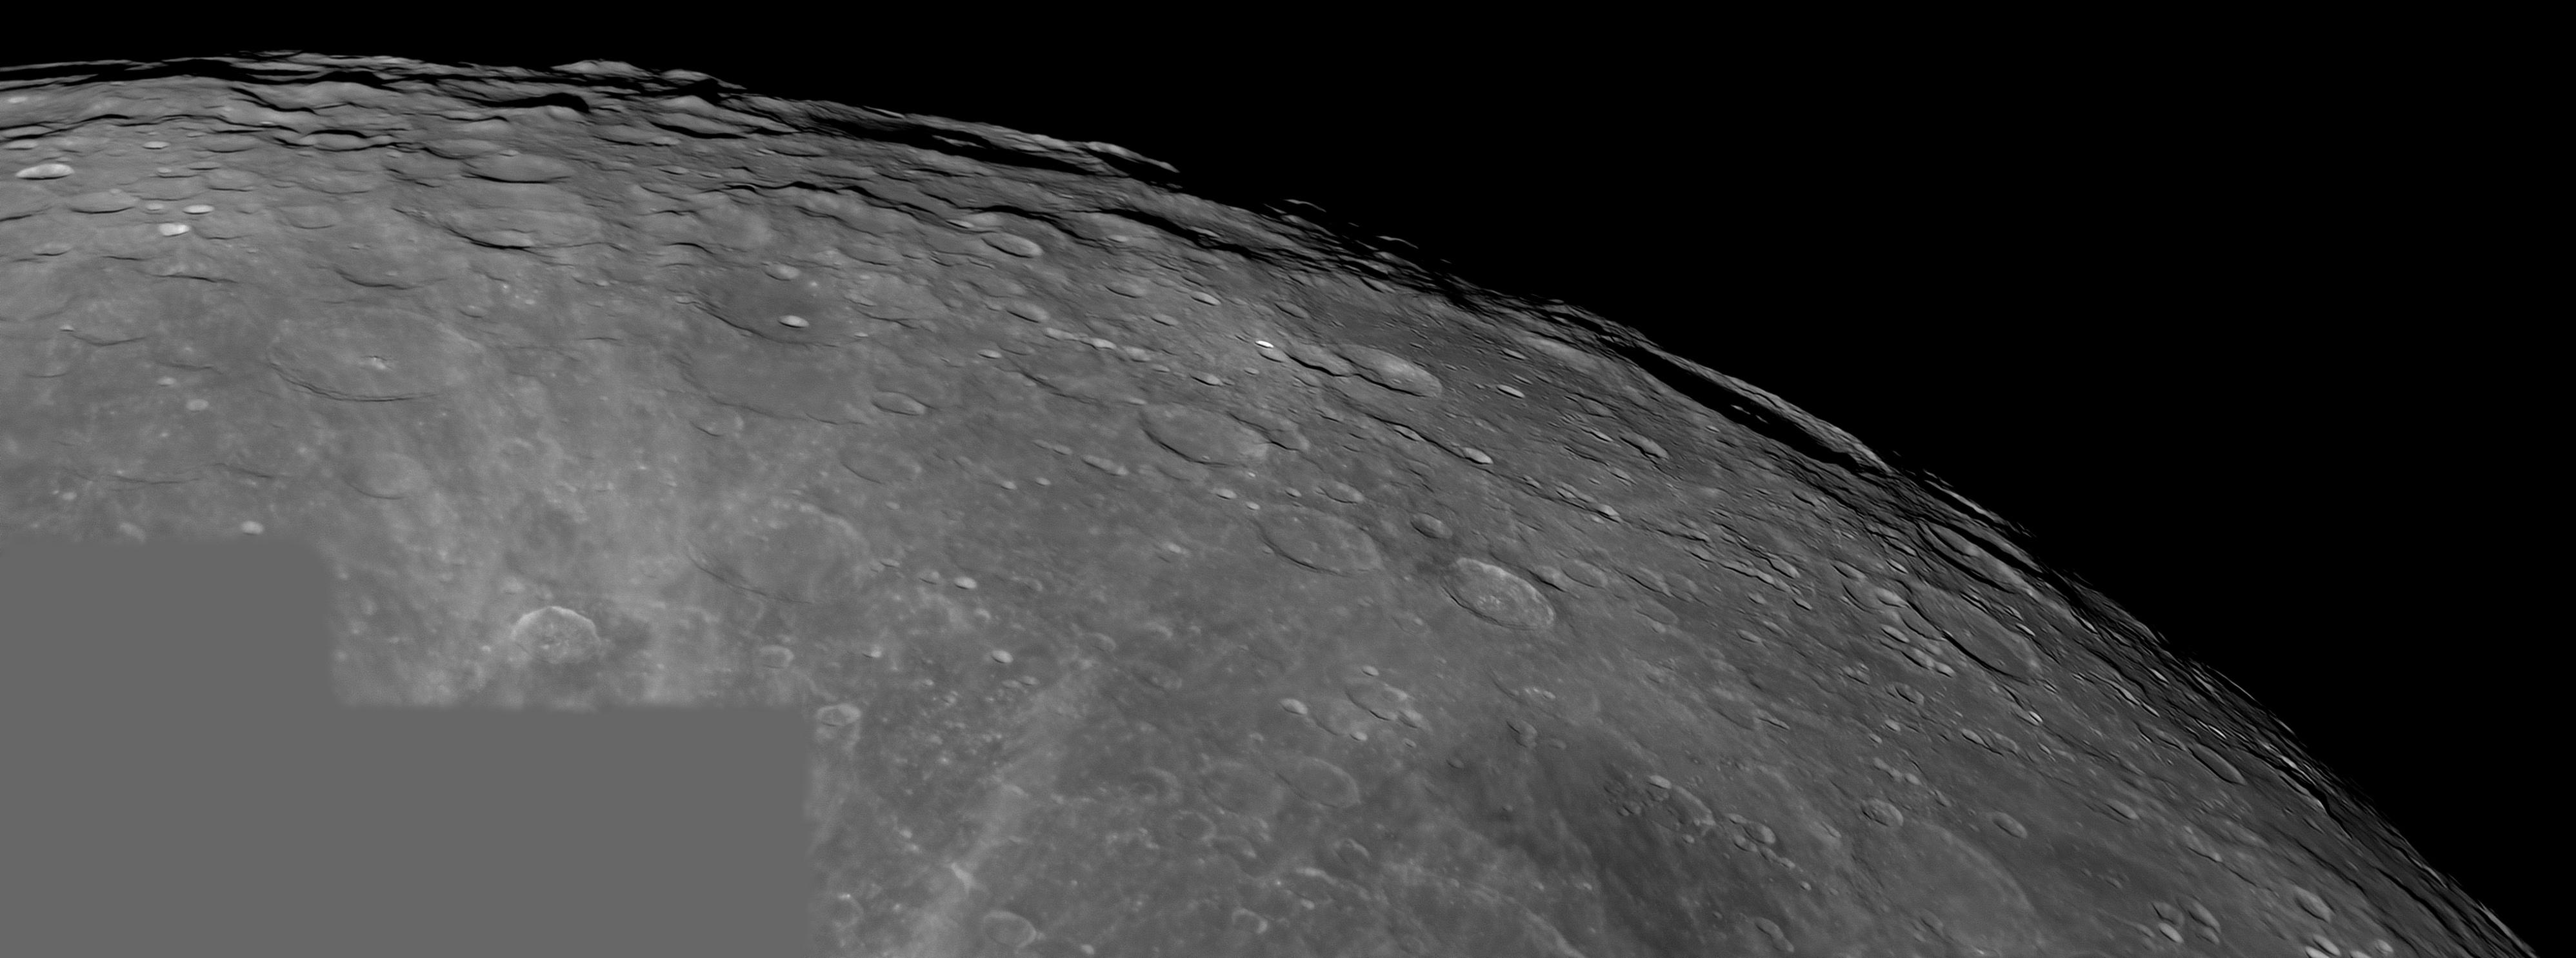 Pôle et région sud  de la Lune